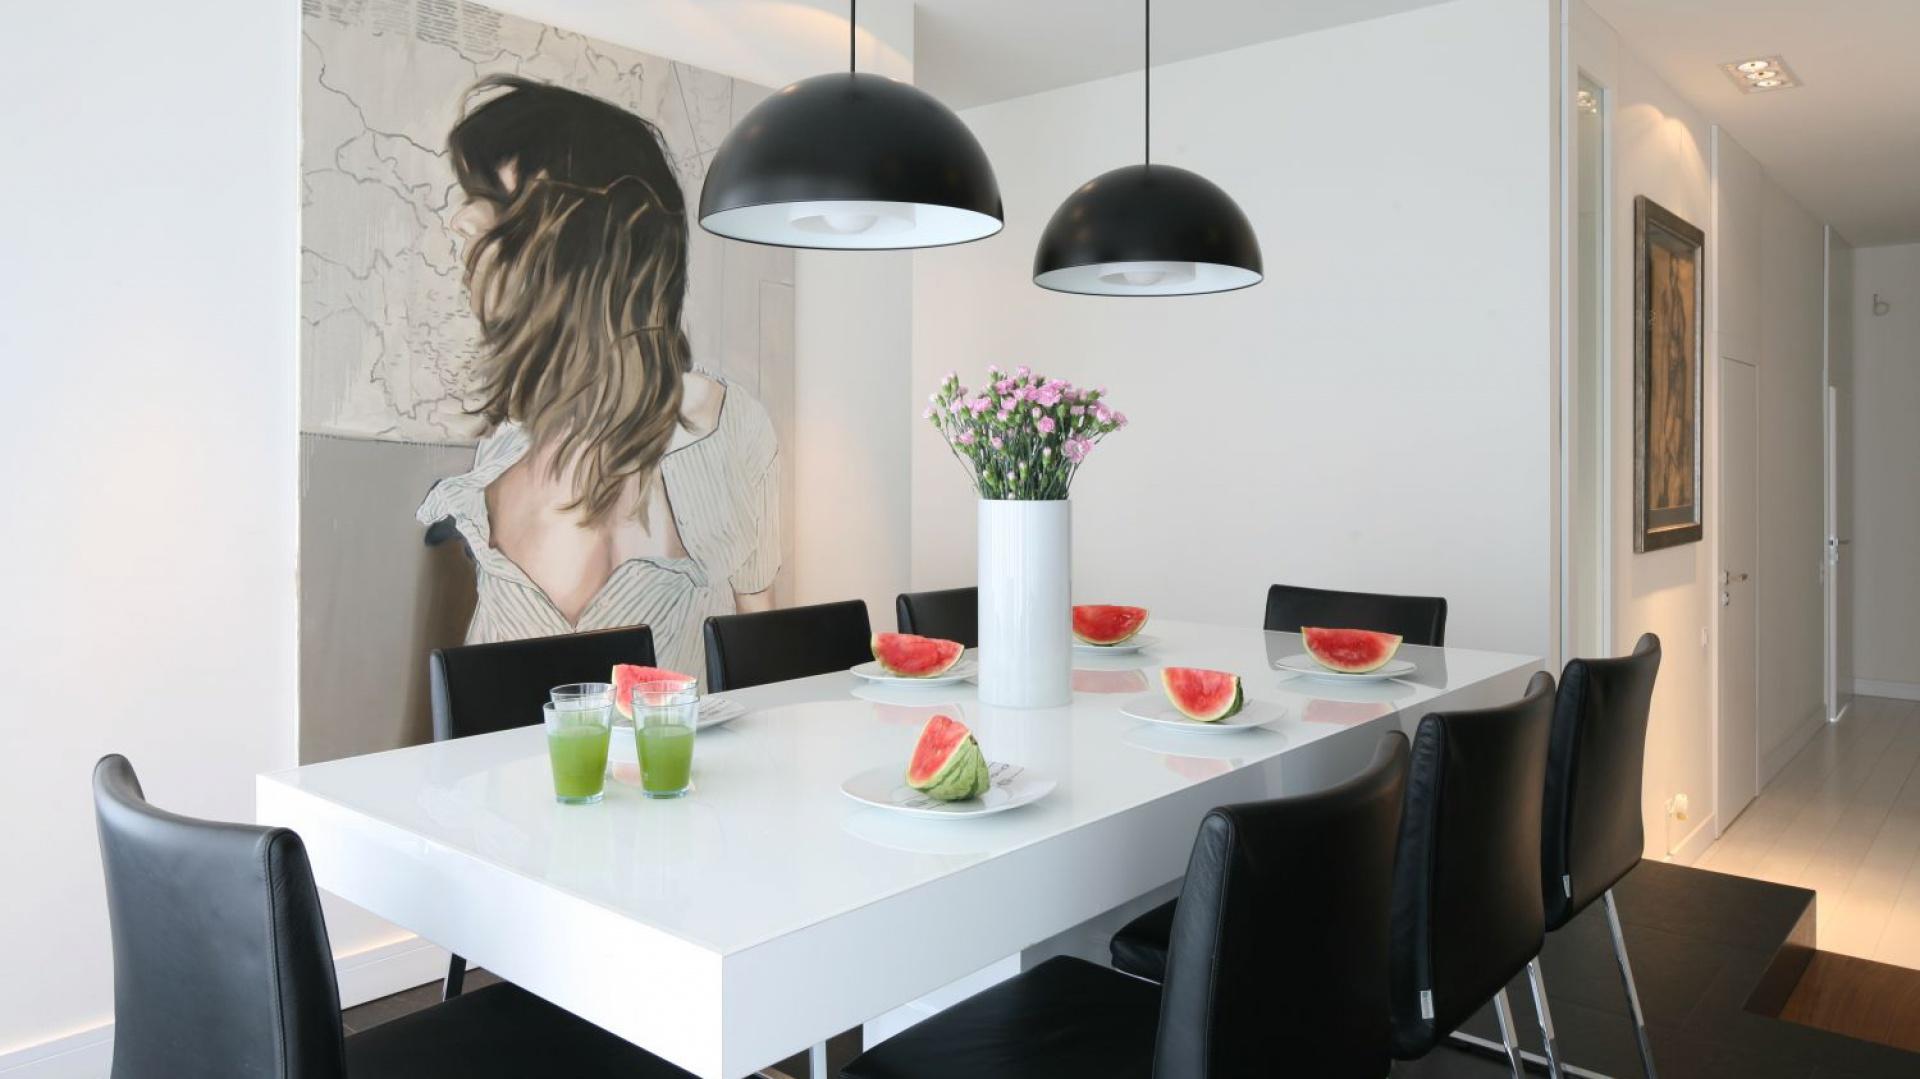 Ścianie w jadalni unikatowego charakteru dodaje nowoczesna grafika, przedstawiająca kobietę z rozwianymi włosami. Projekt: Dominik Respondek. Fot. Bartosz Jarosz